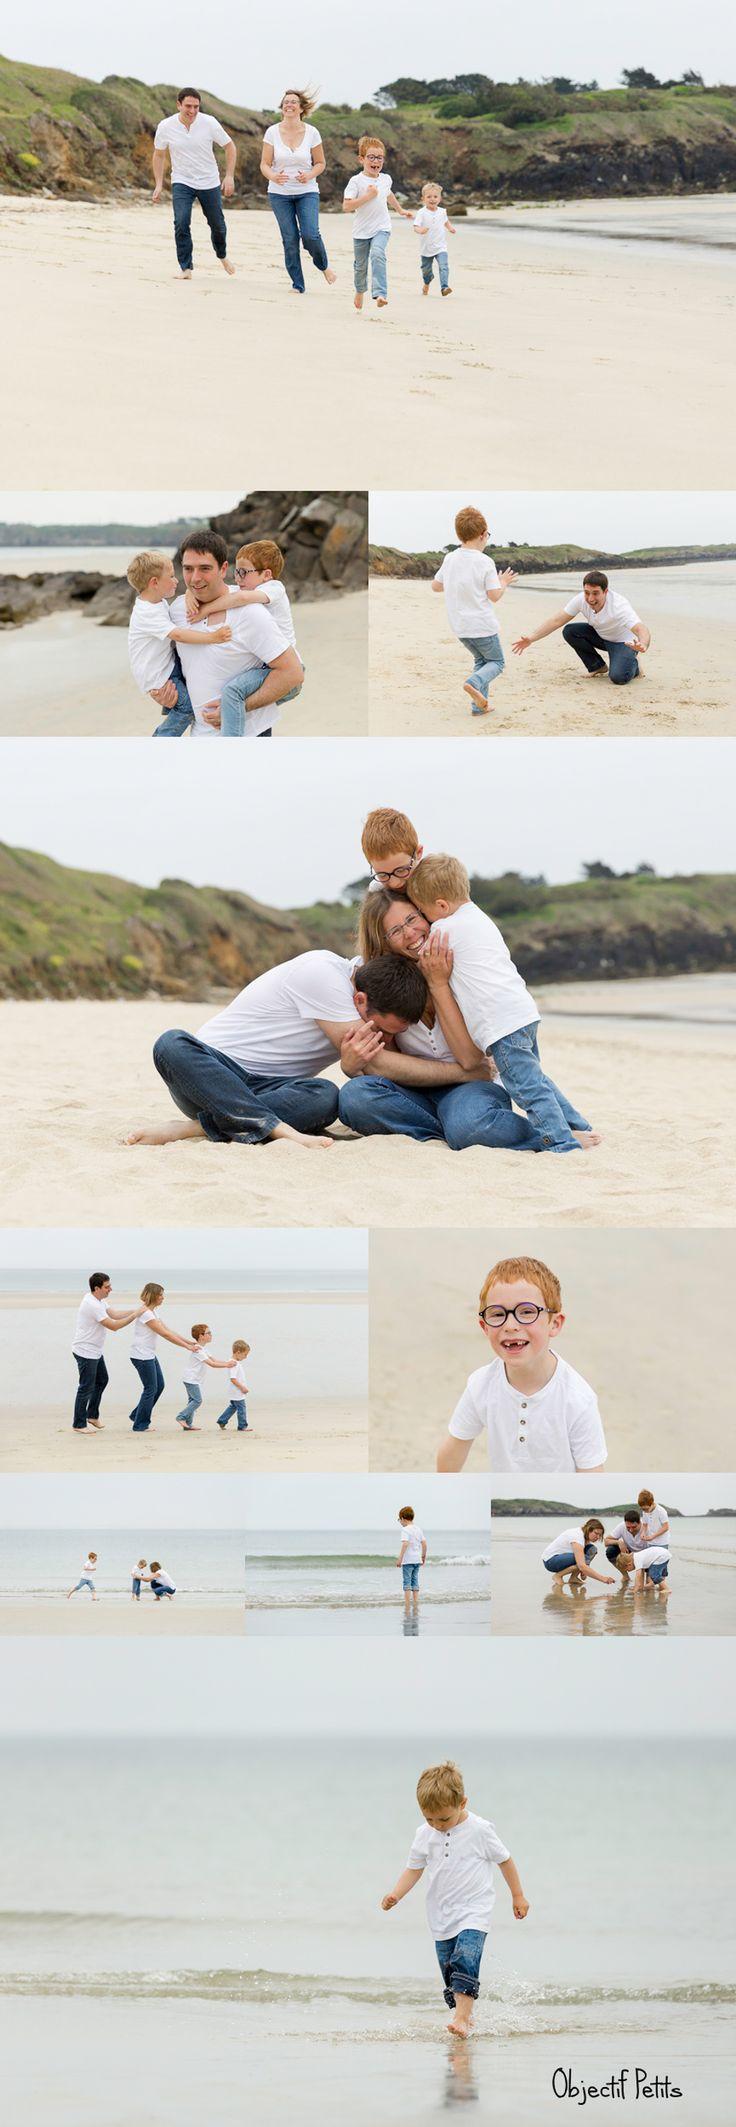 Séance photo en famille à Brest sur la plage au mois de juin (Bretagne) http://objectifpetits.com